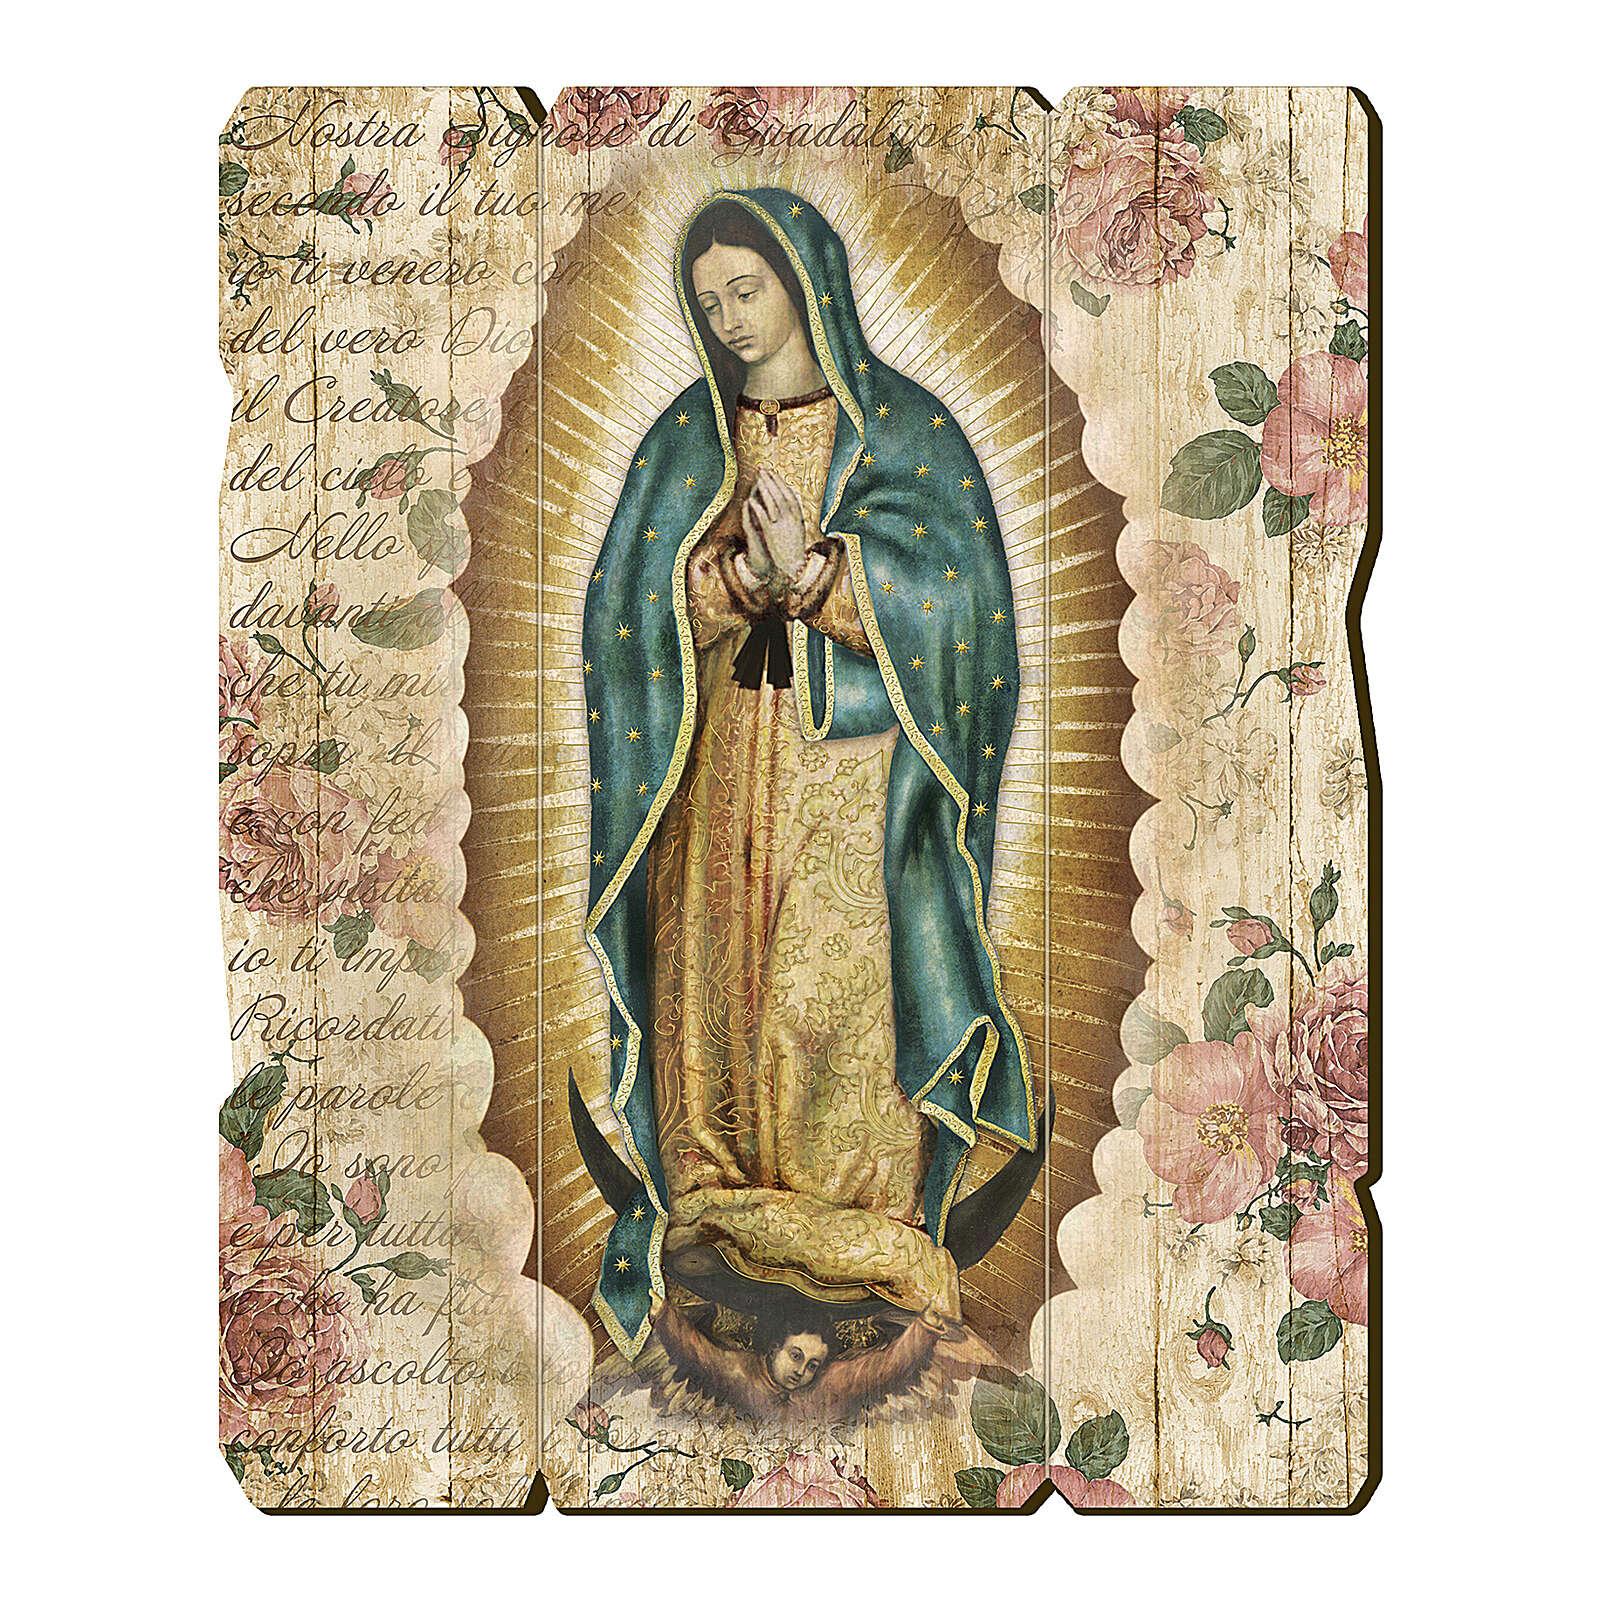 Quadro em madeira moldada gancho no verso Nossa Senhora de Guadalupe 35x30 cm 3